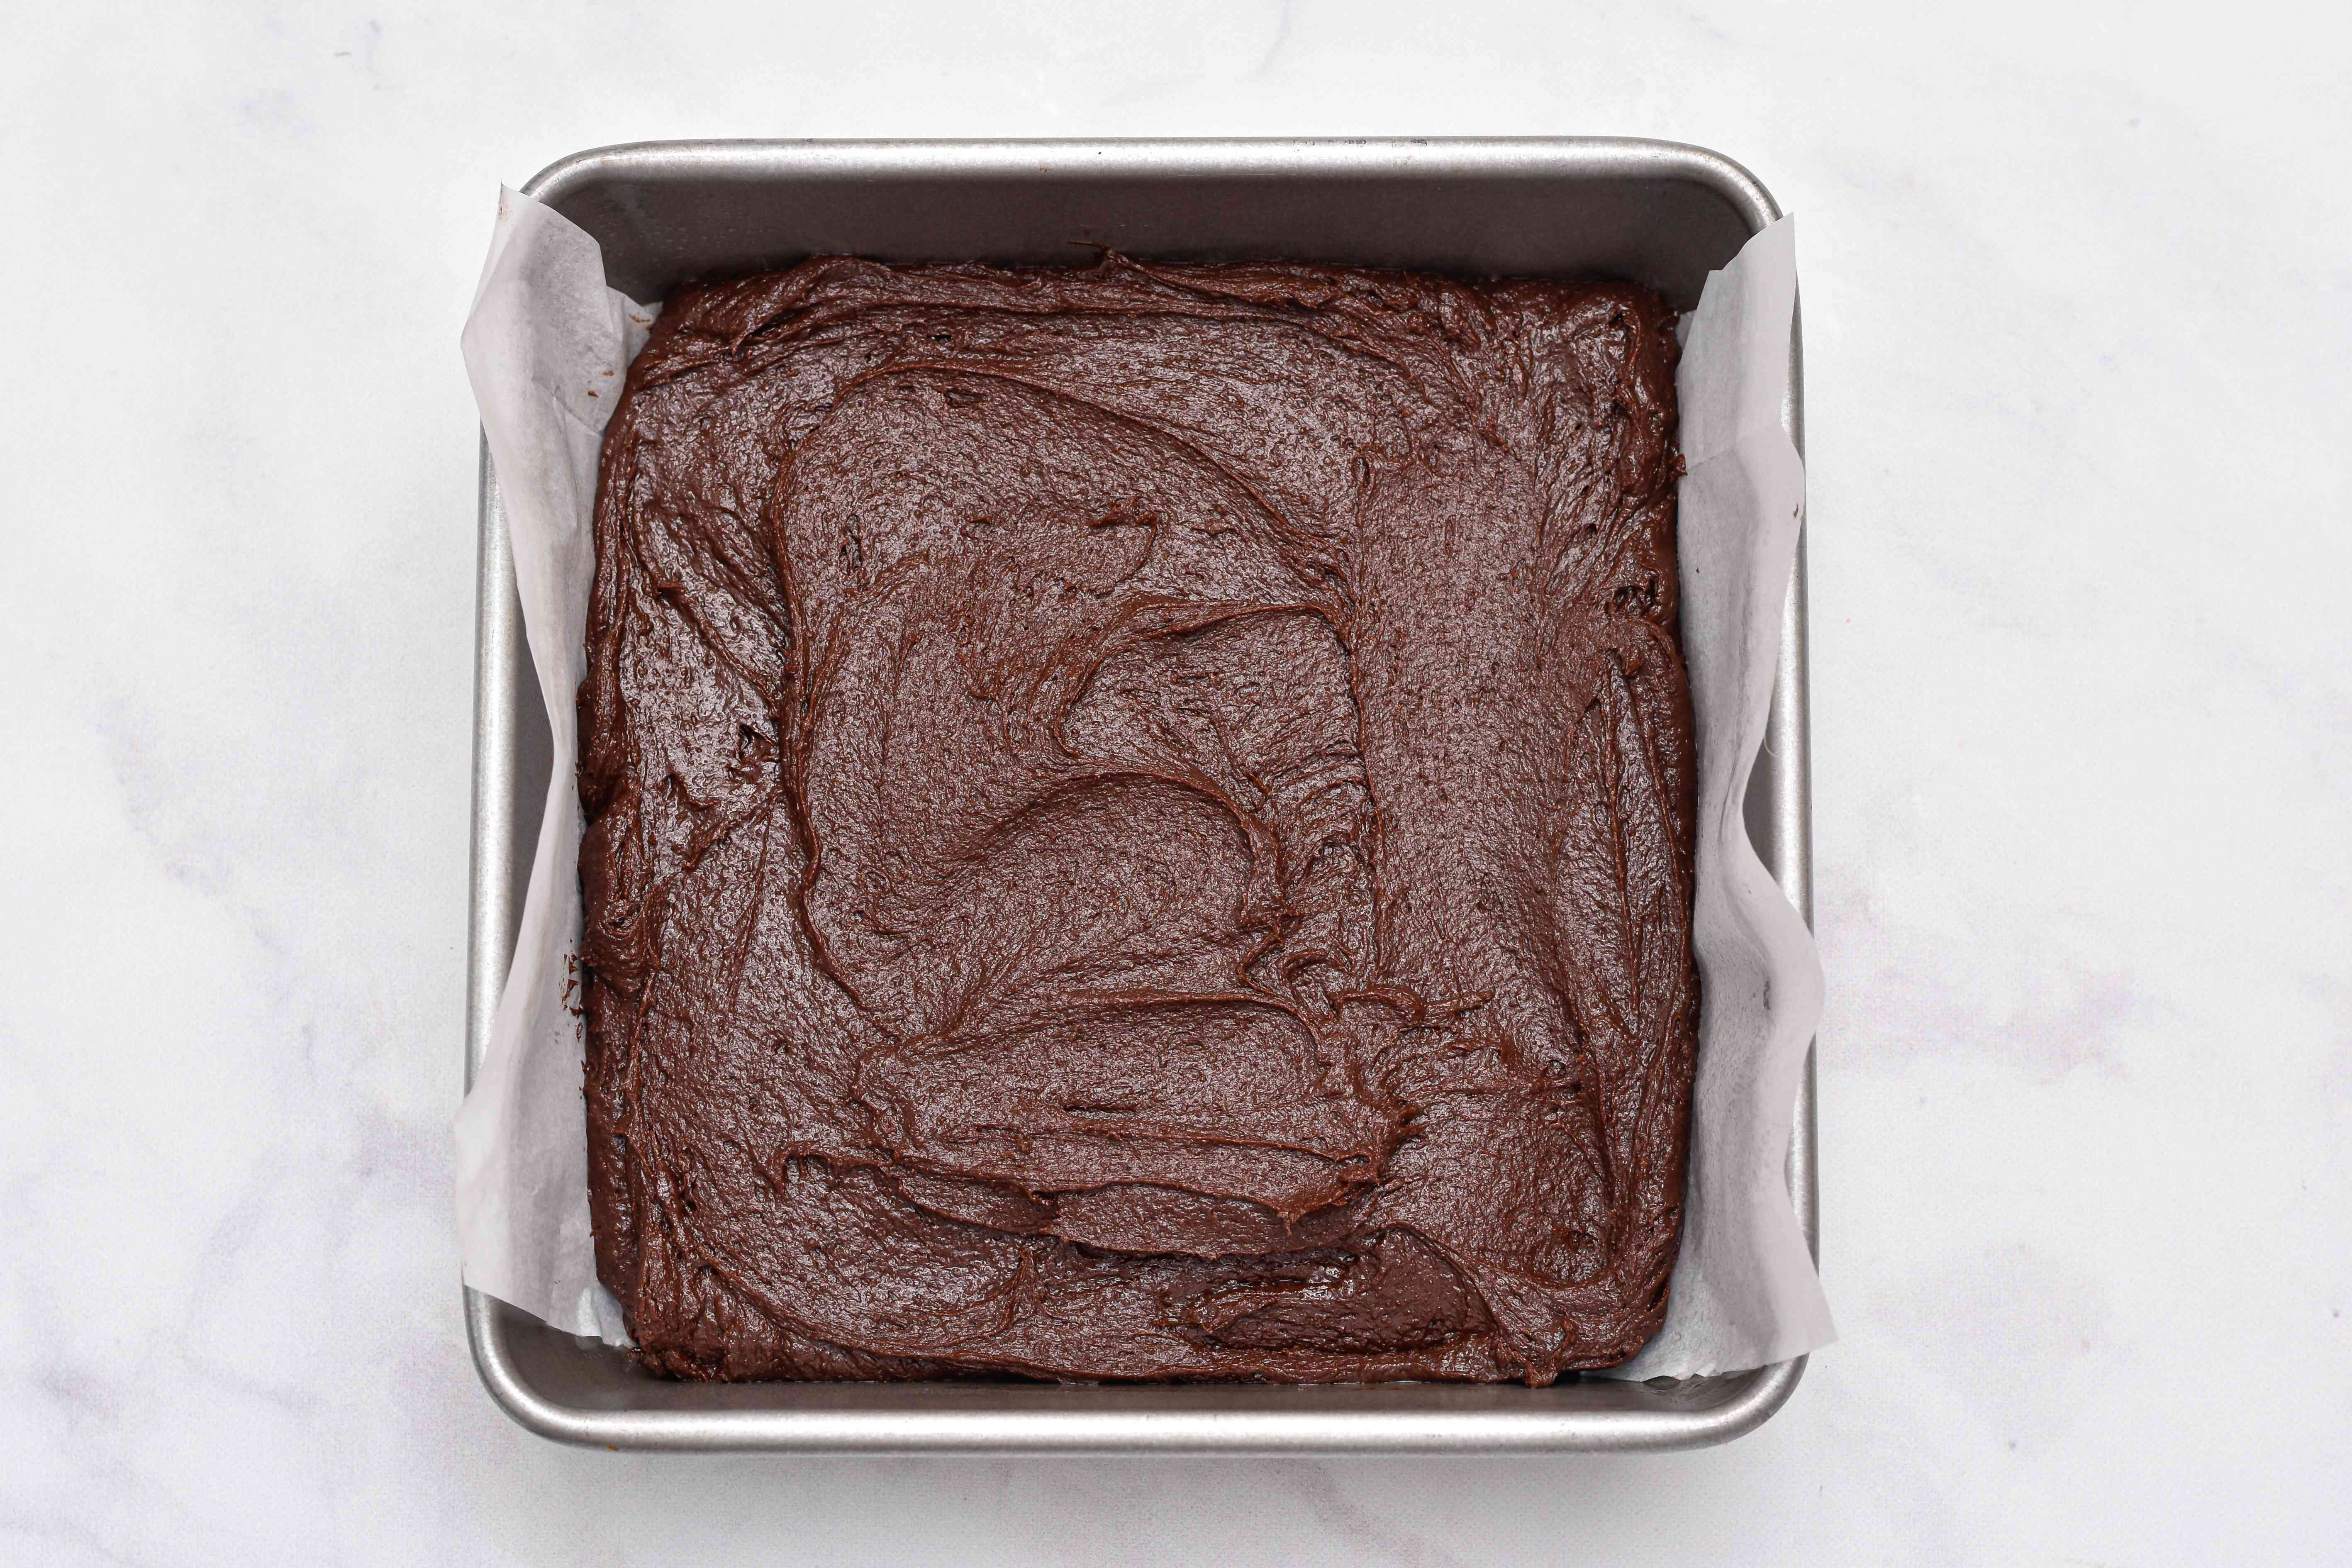 Brownie batter in pan to make Salted Caramel Brownies